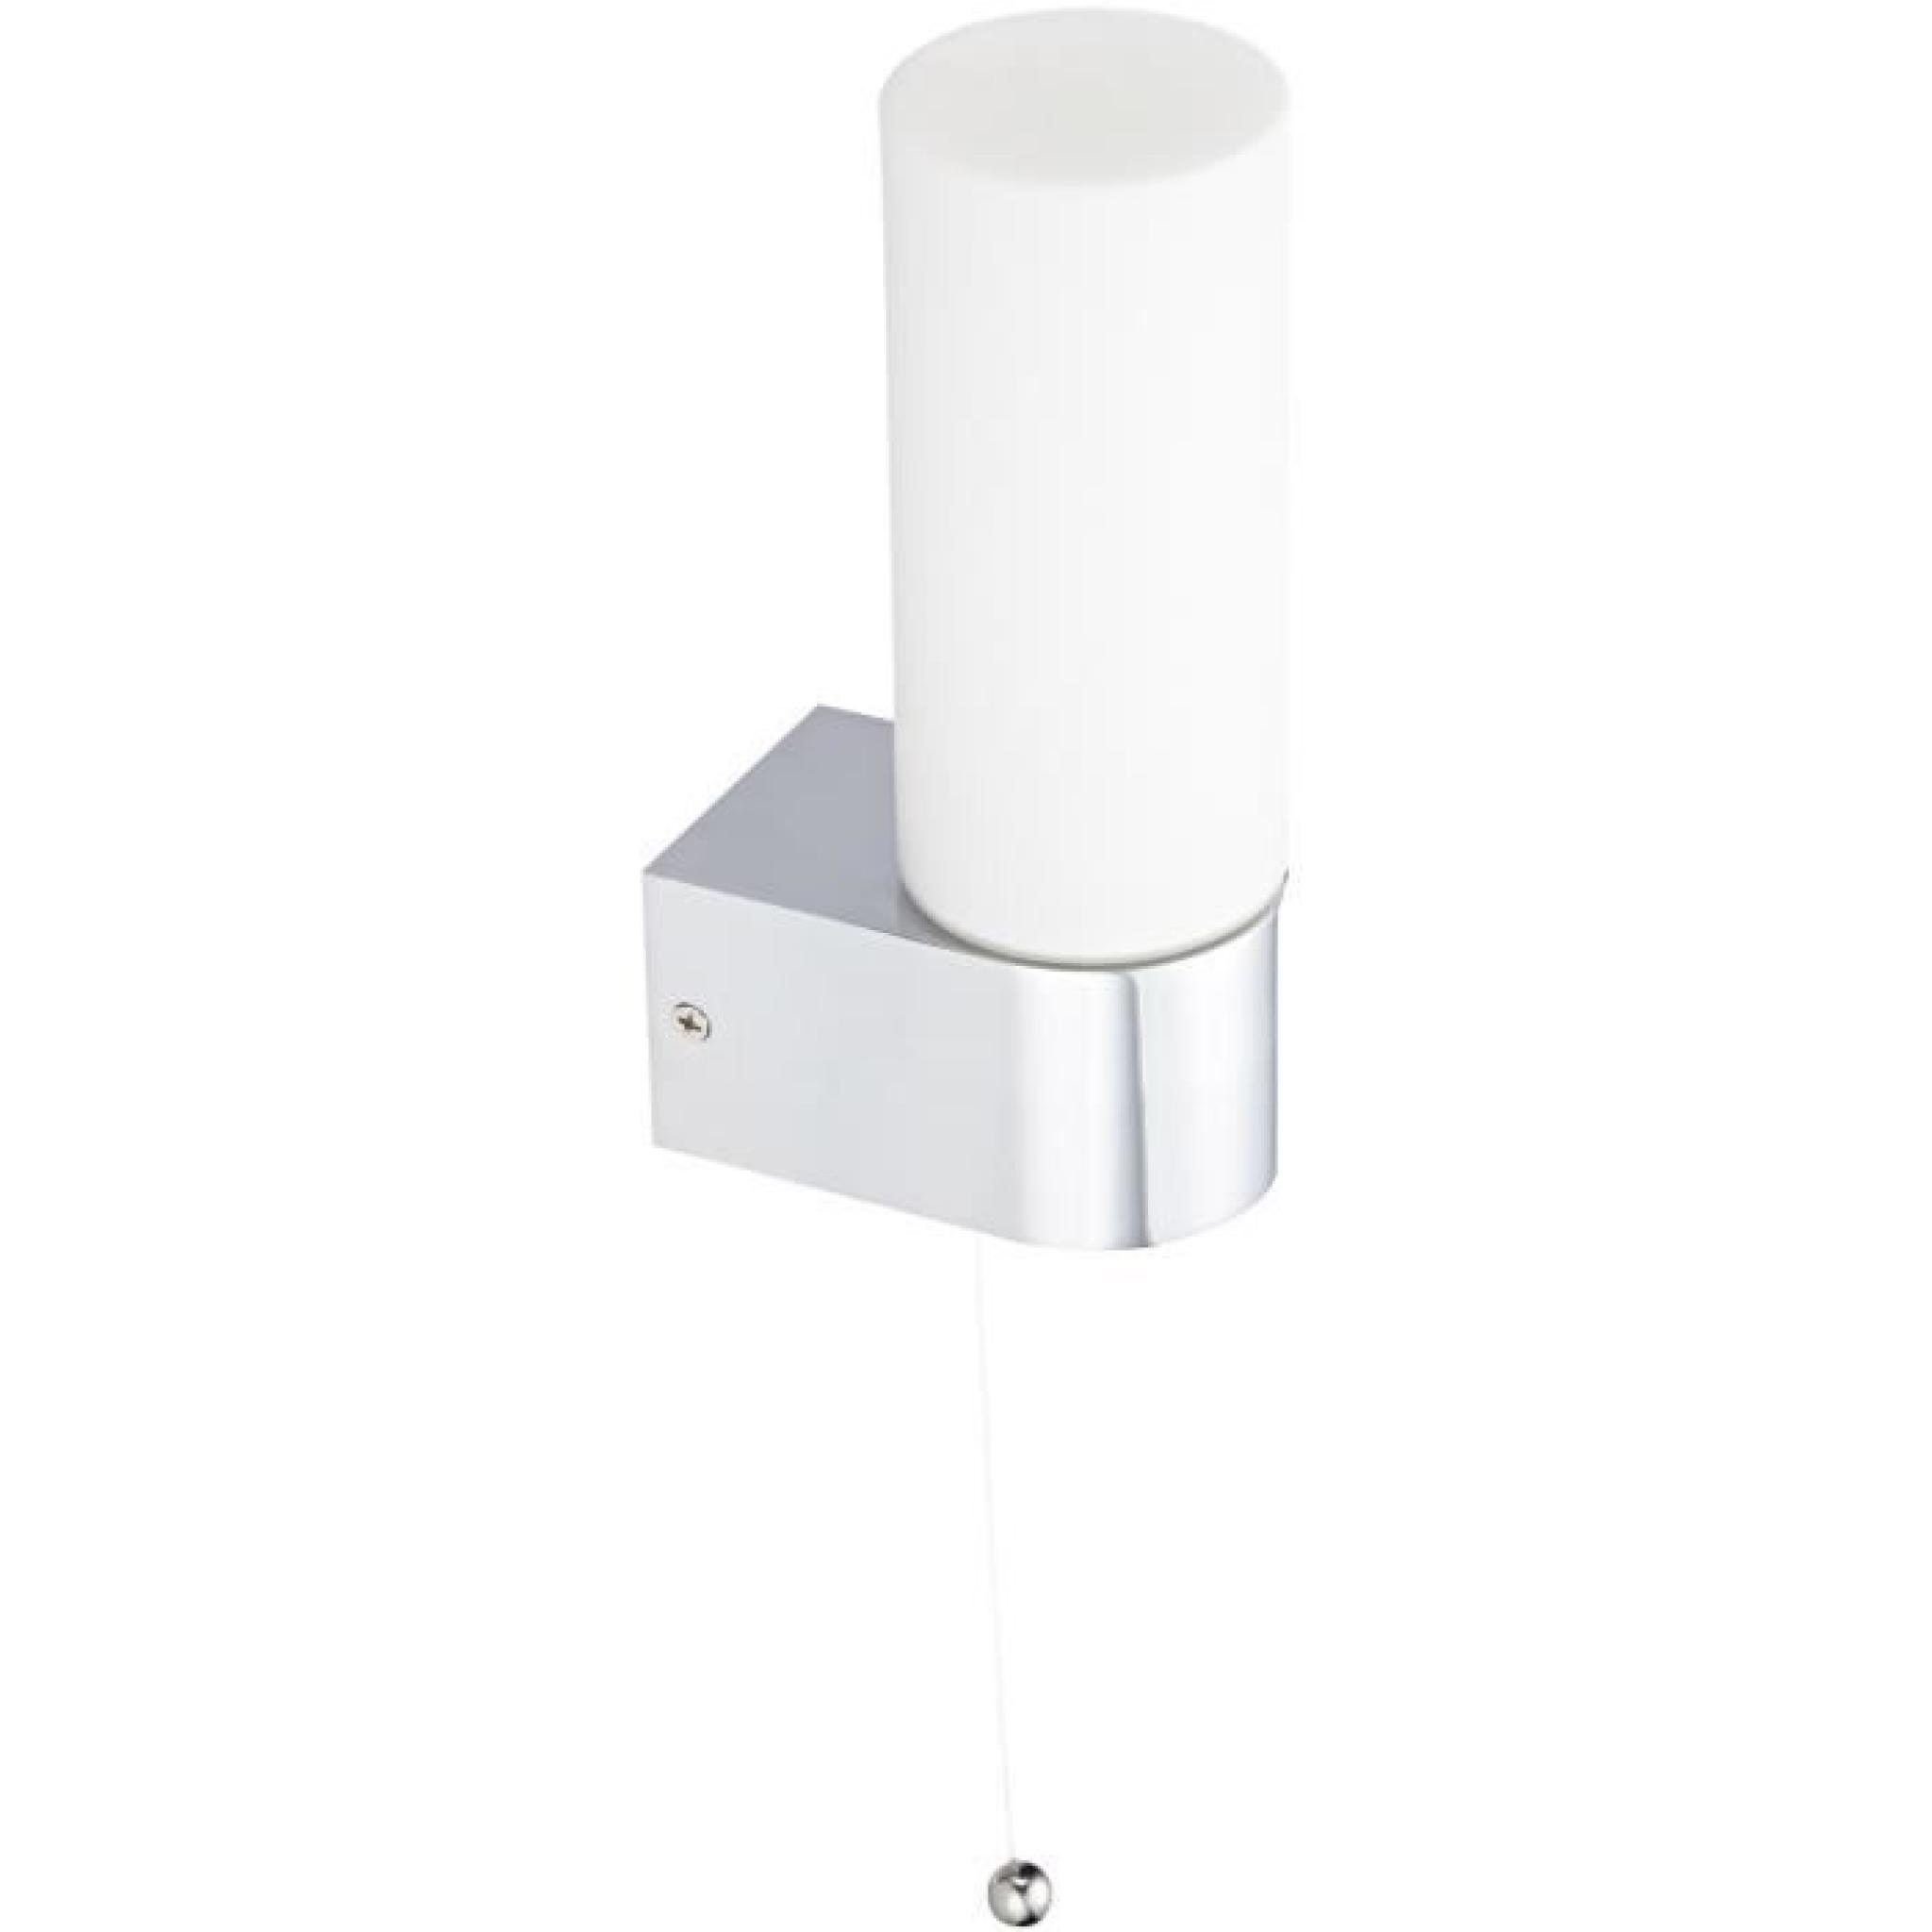 Applique Salle De Bain Verre Opal Et Chrome Avec Interrupteur On / Off,20 X